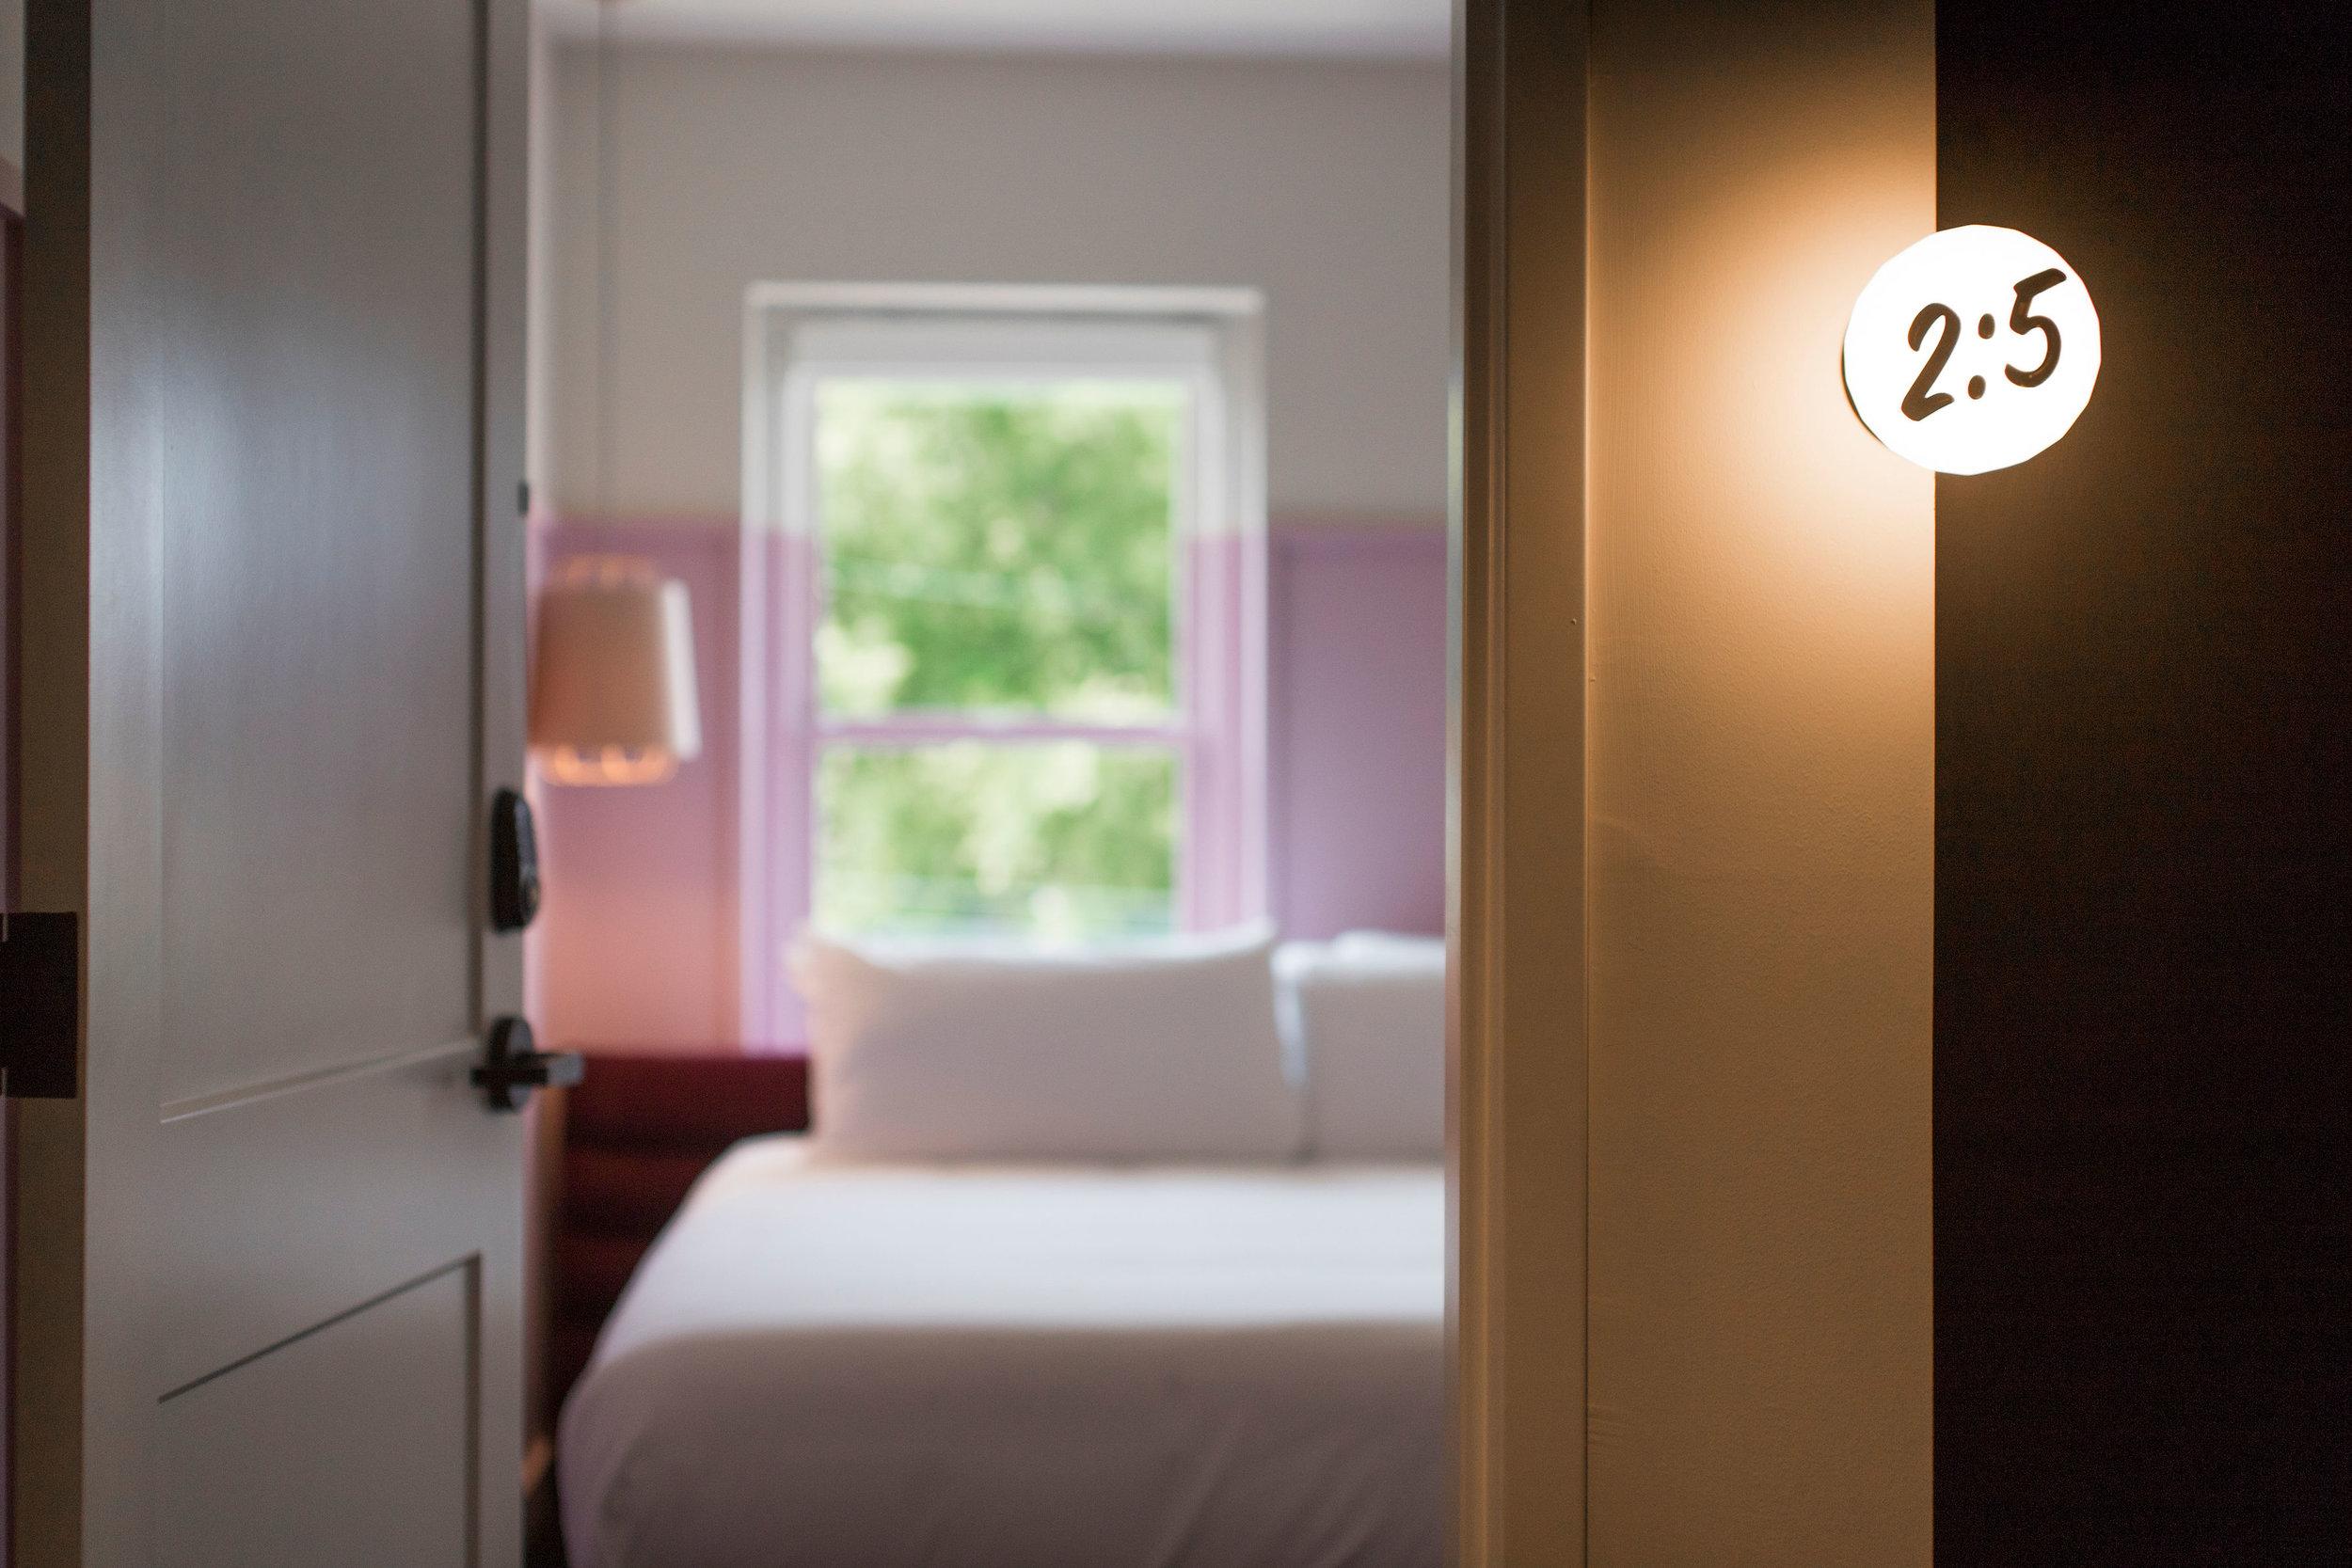 2_5 room number and peek.JPG